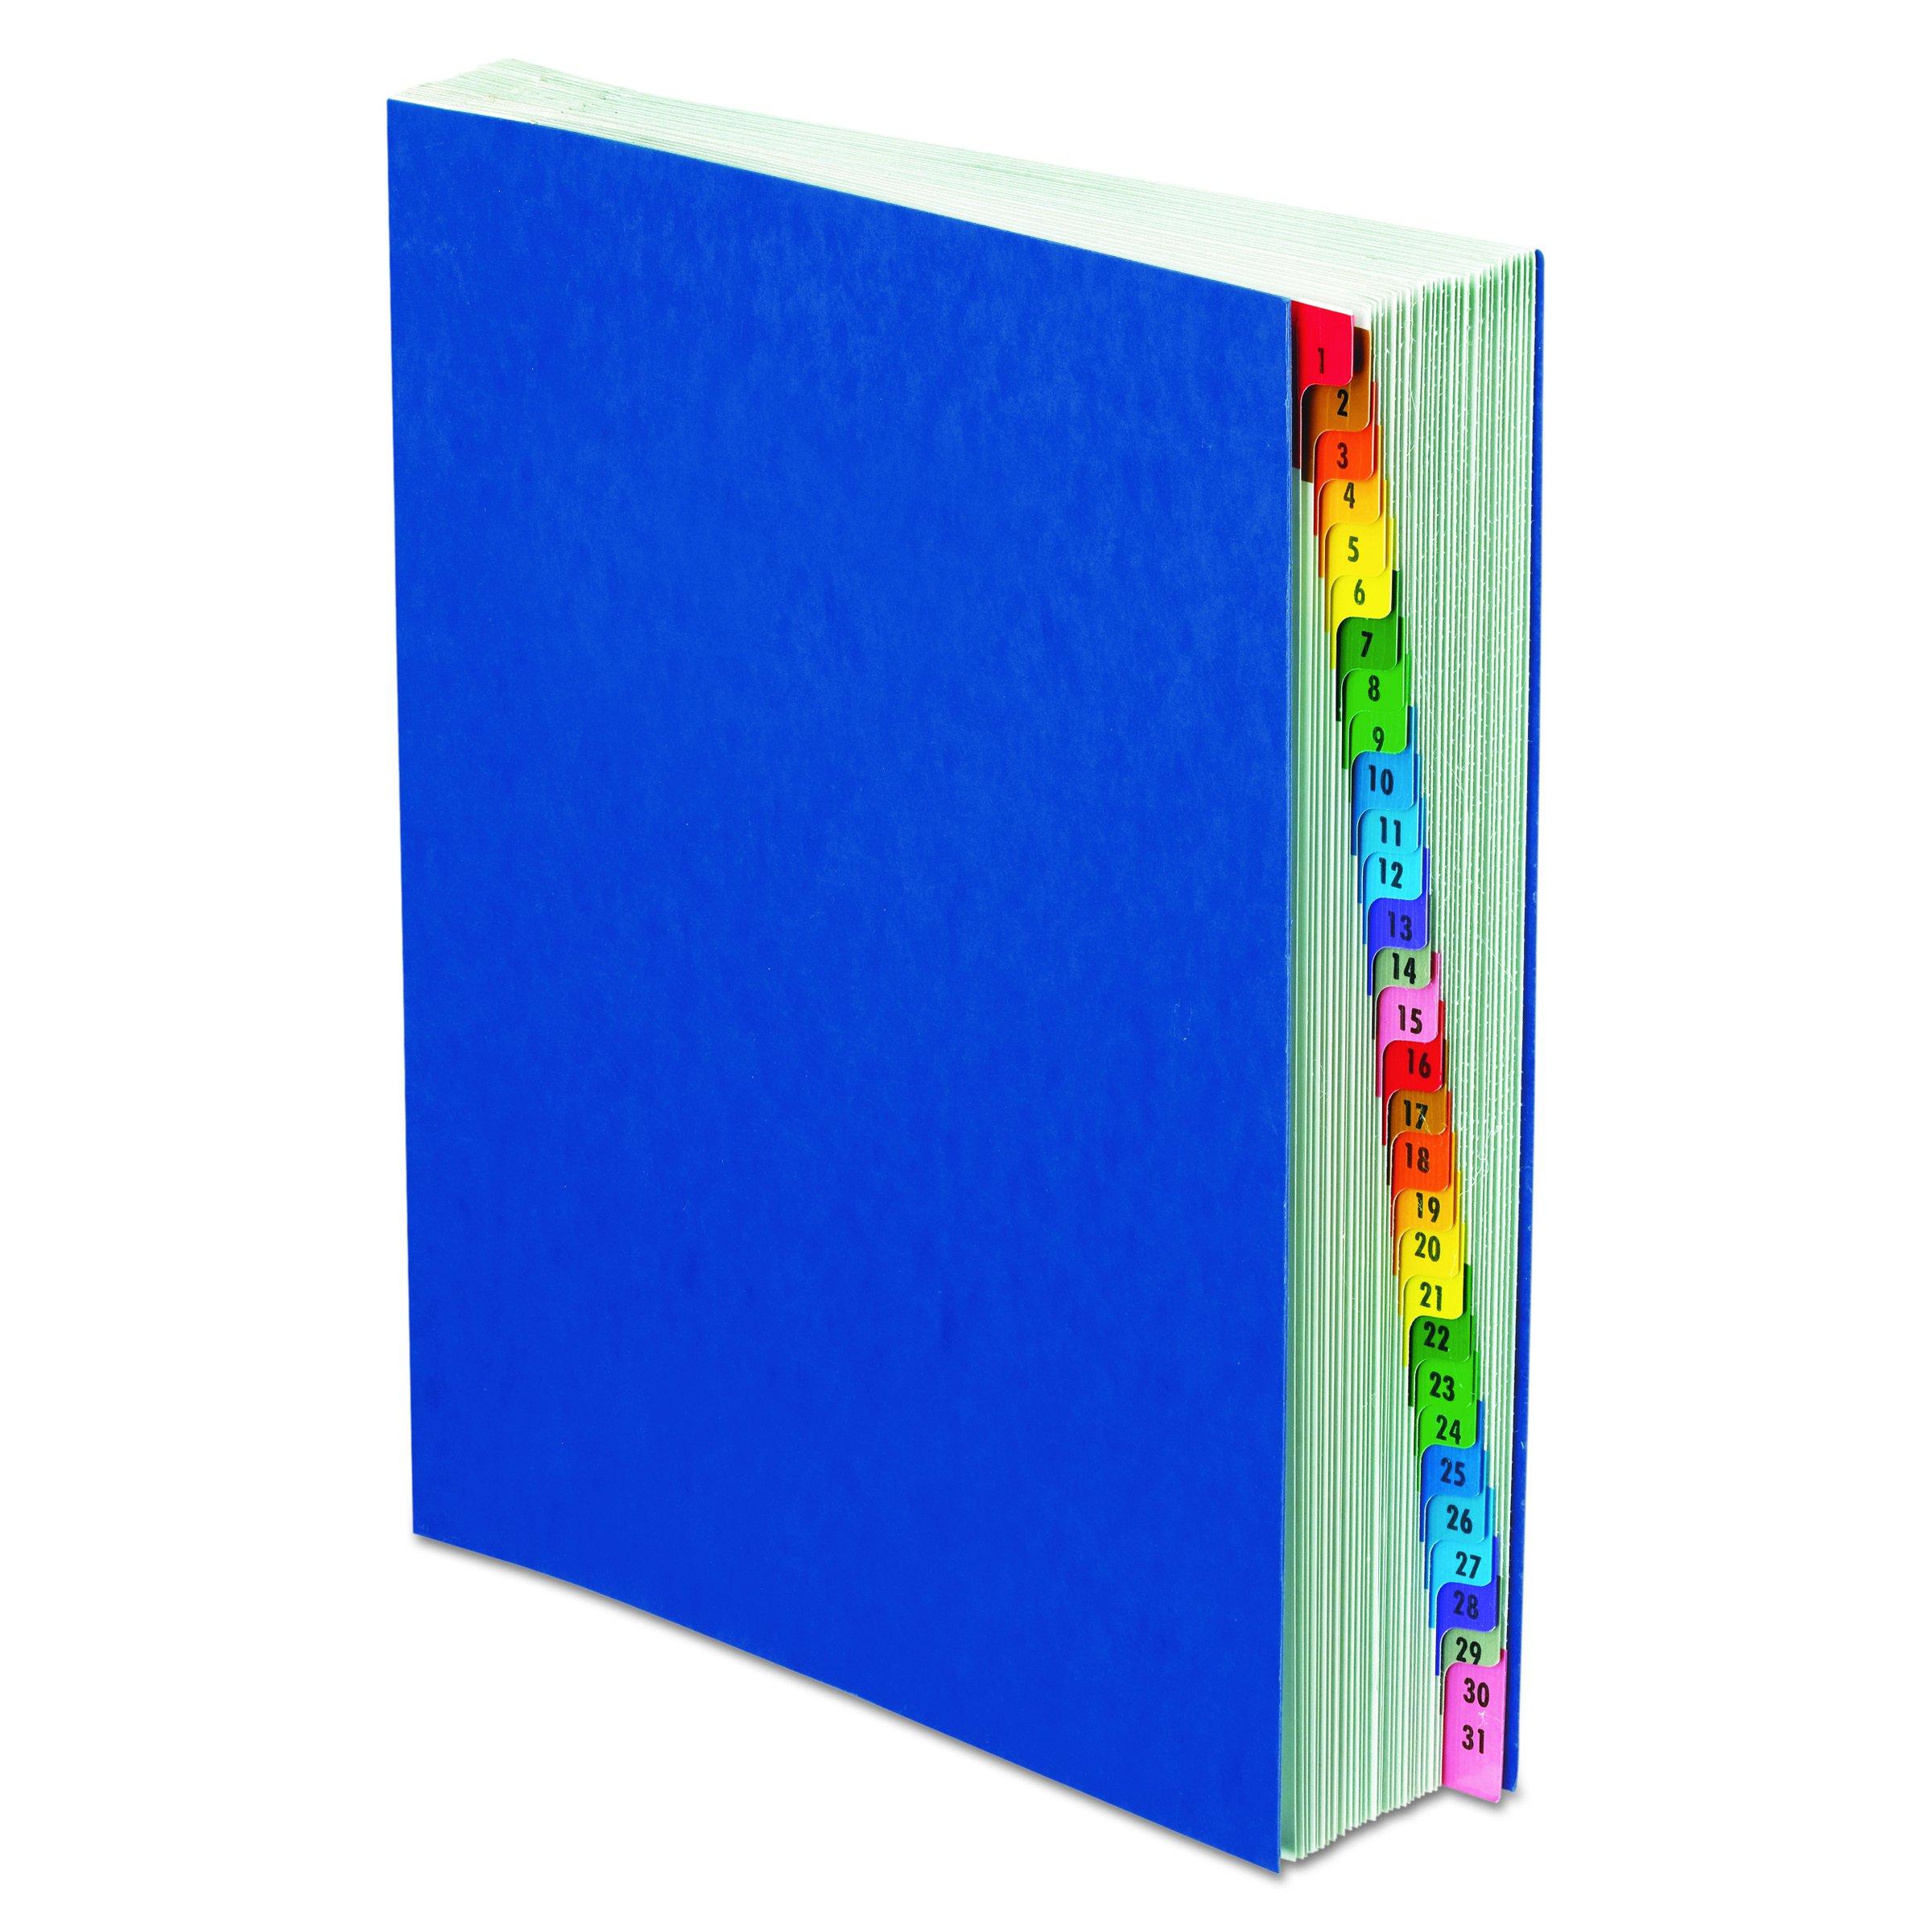 Pendaflex Expanding Desk File, Daily (1–31), Letter Size, Blue, Each (11013)